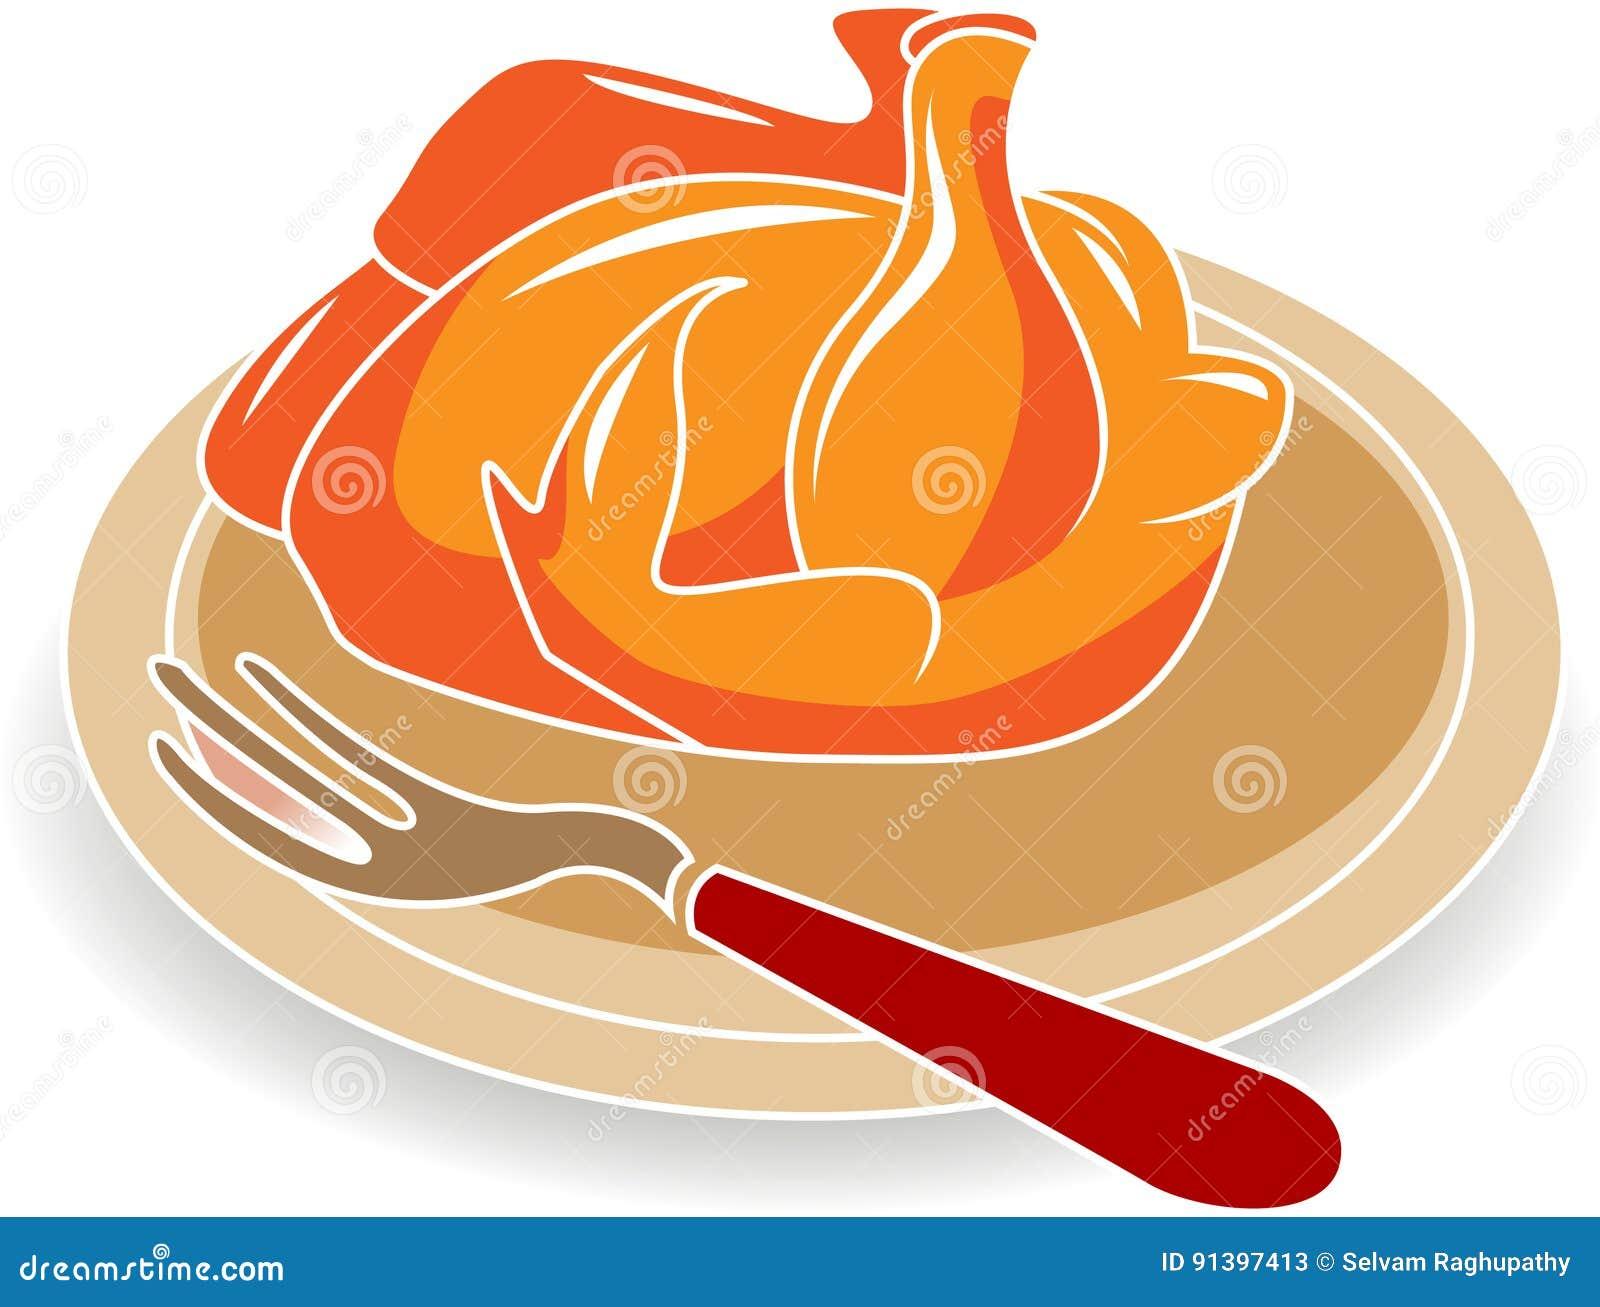 Transparent Fried Chicken Clipart - Cartoon Fried Chicken Png, Png Download  , Transparent Png Image - PNGitem